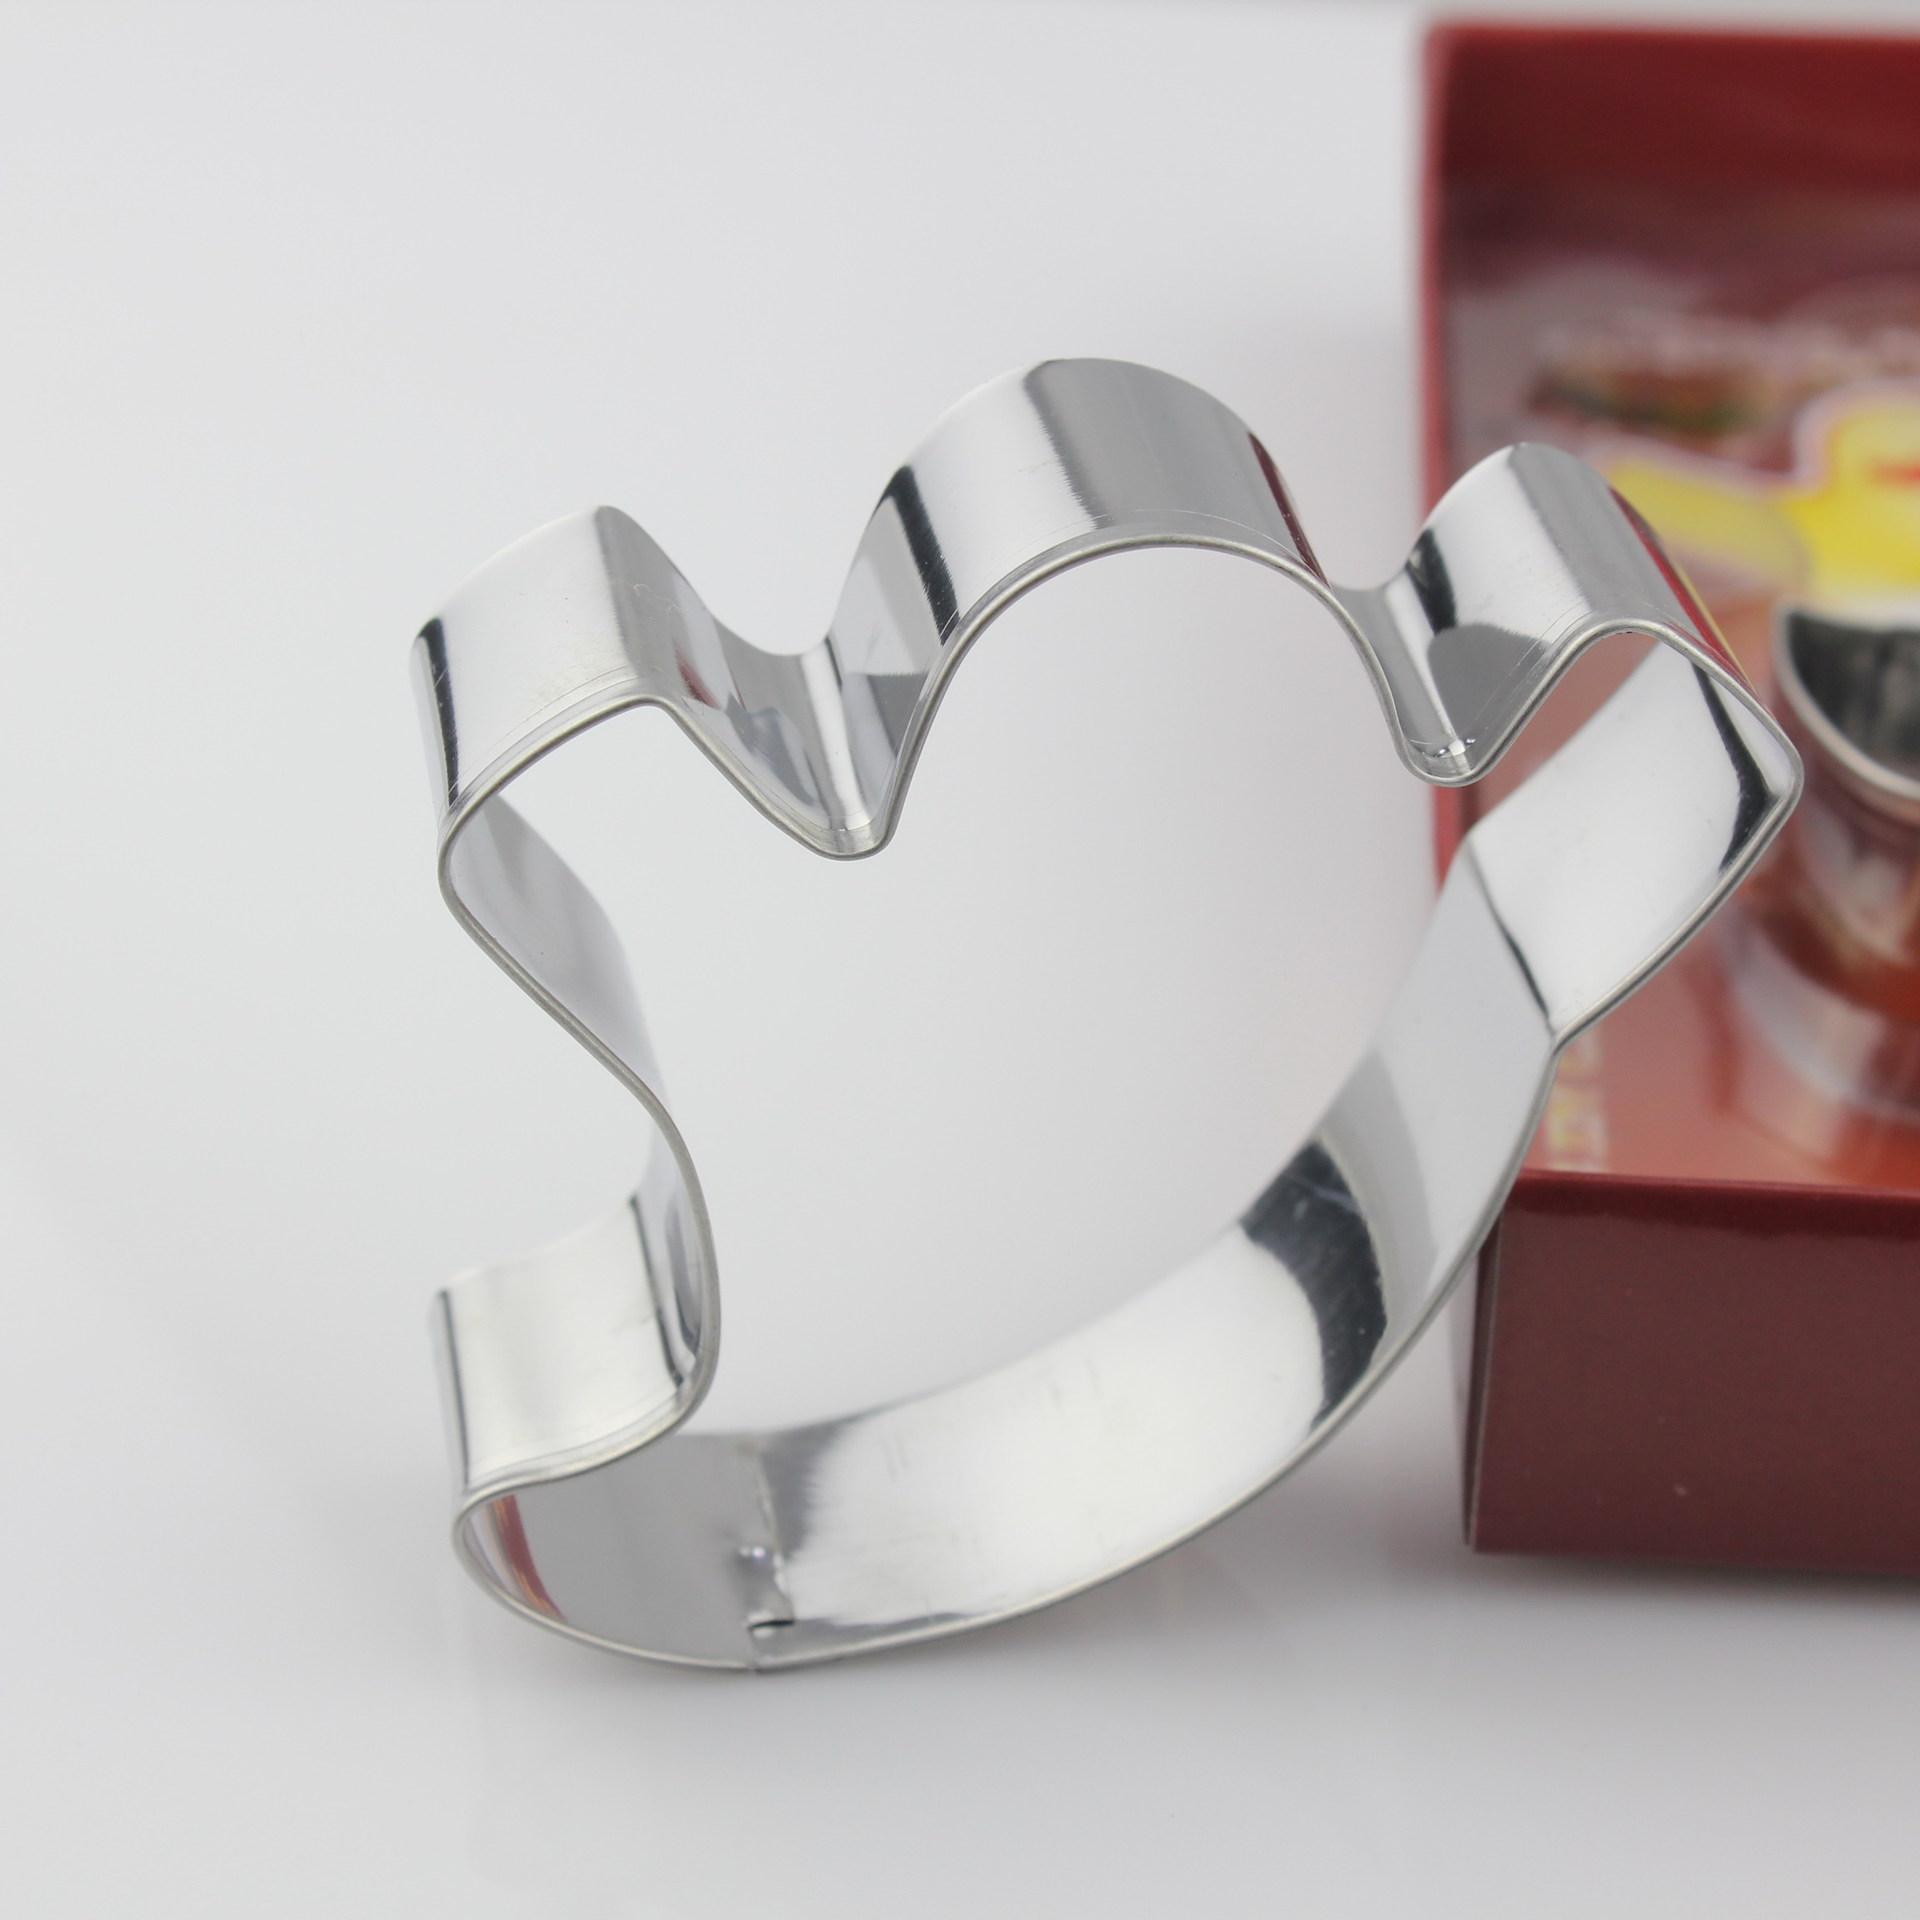 不锈钢万圣节饼干模具幽灵黑猫蛋糕模具曲奇饼DIY烘焙工具套装